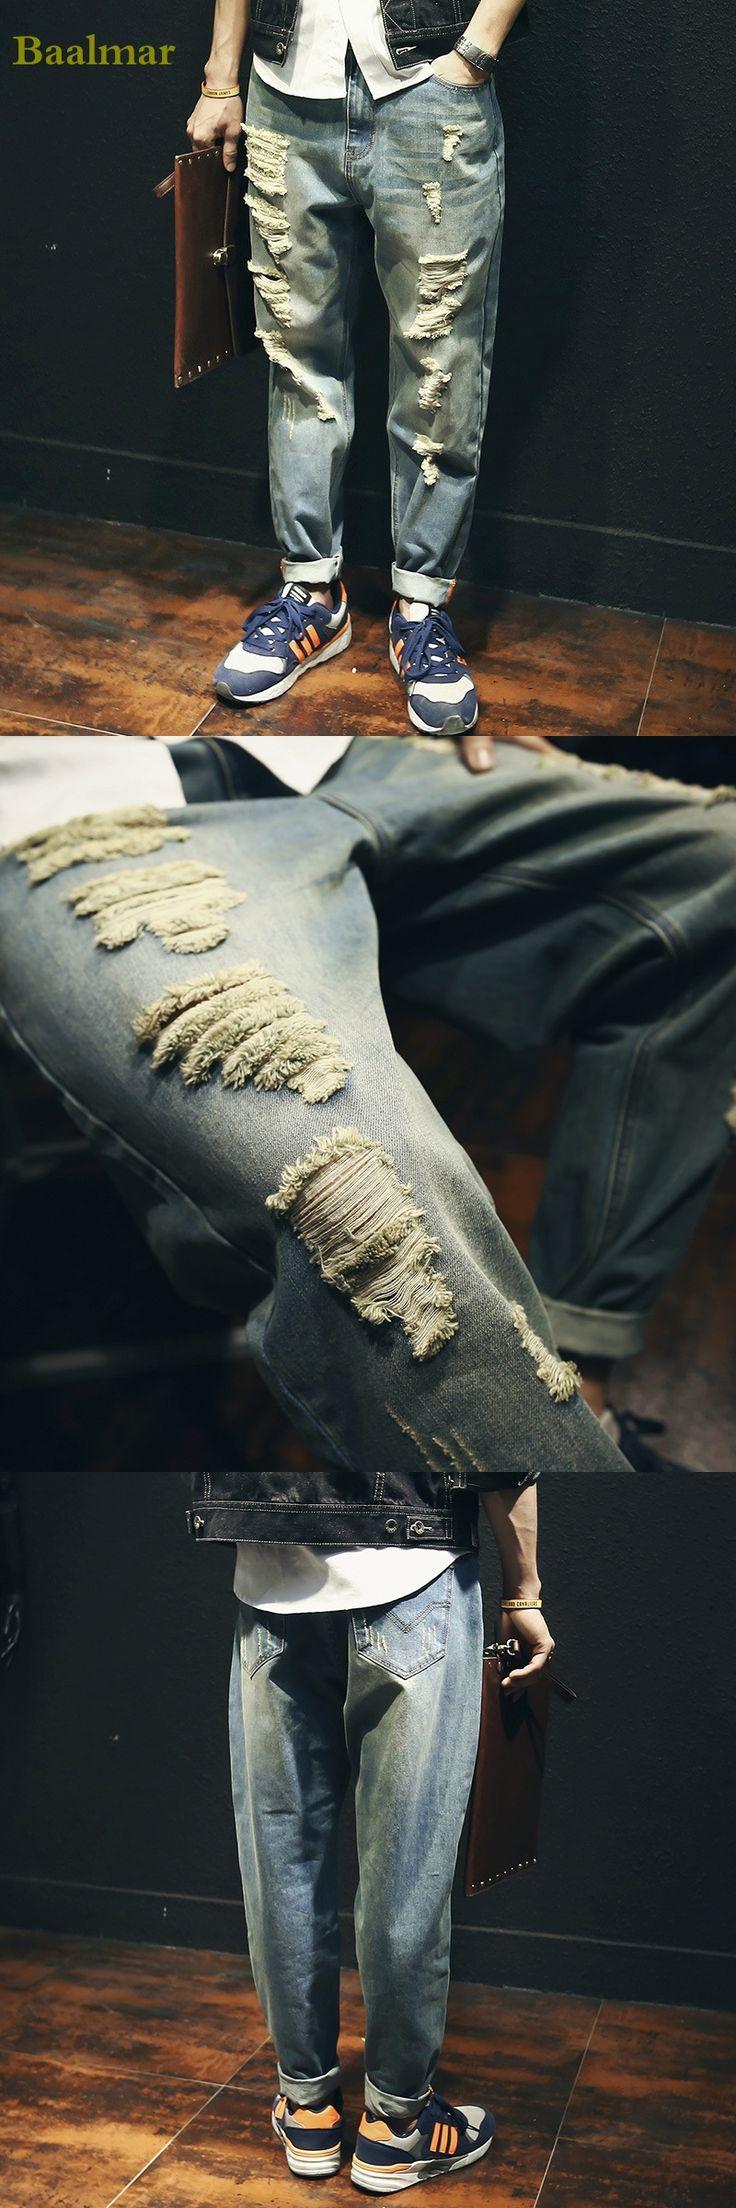 Fashion 2017 New Baggy Elastic Harem Jeans Men Plus Size Taper Jeans Joggers Casual Hip Hop Legging Pants Pencil Jeans Homme